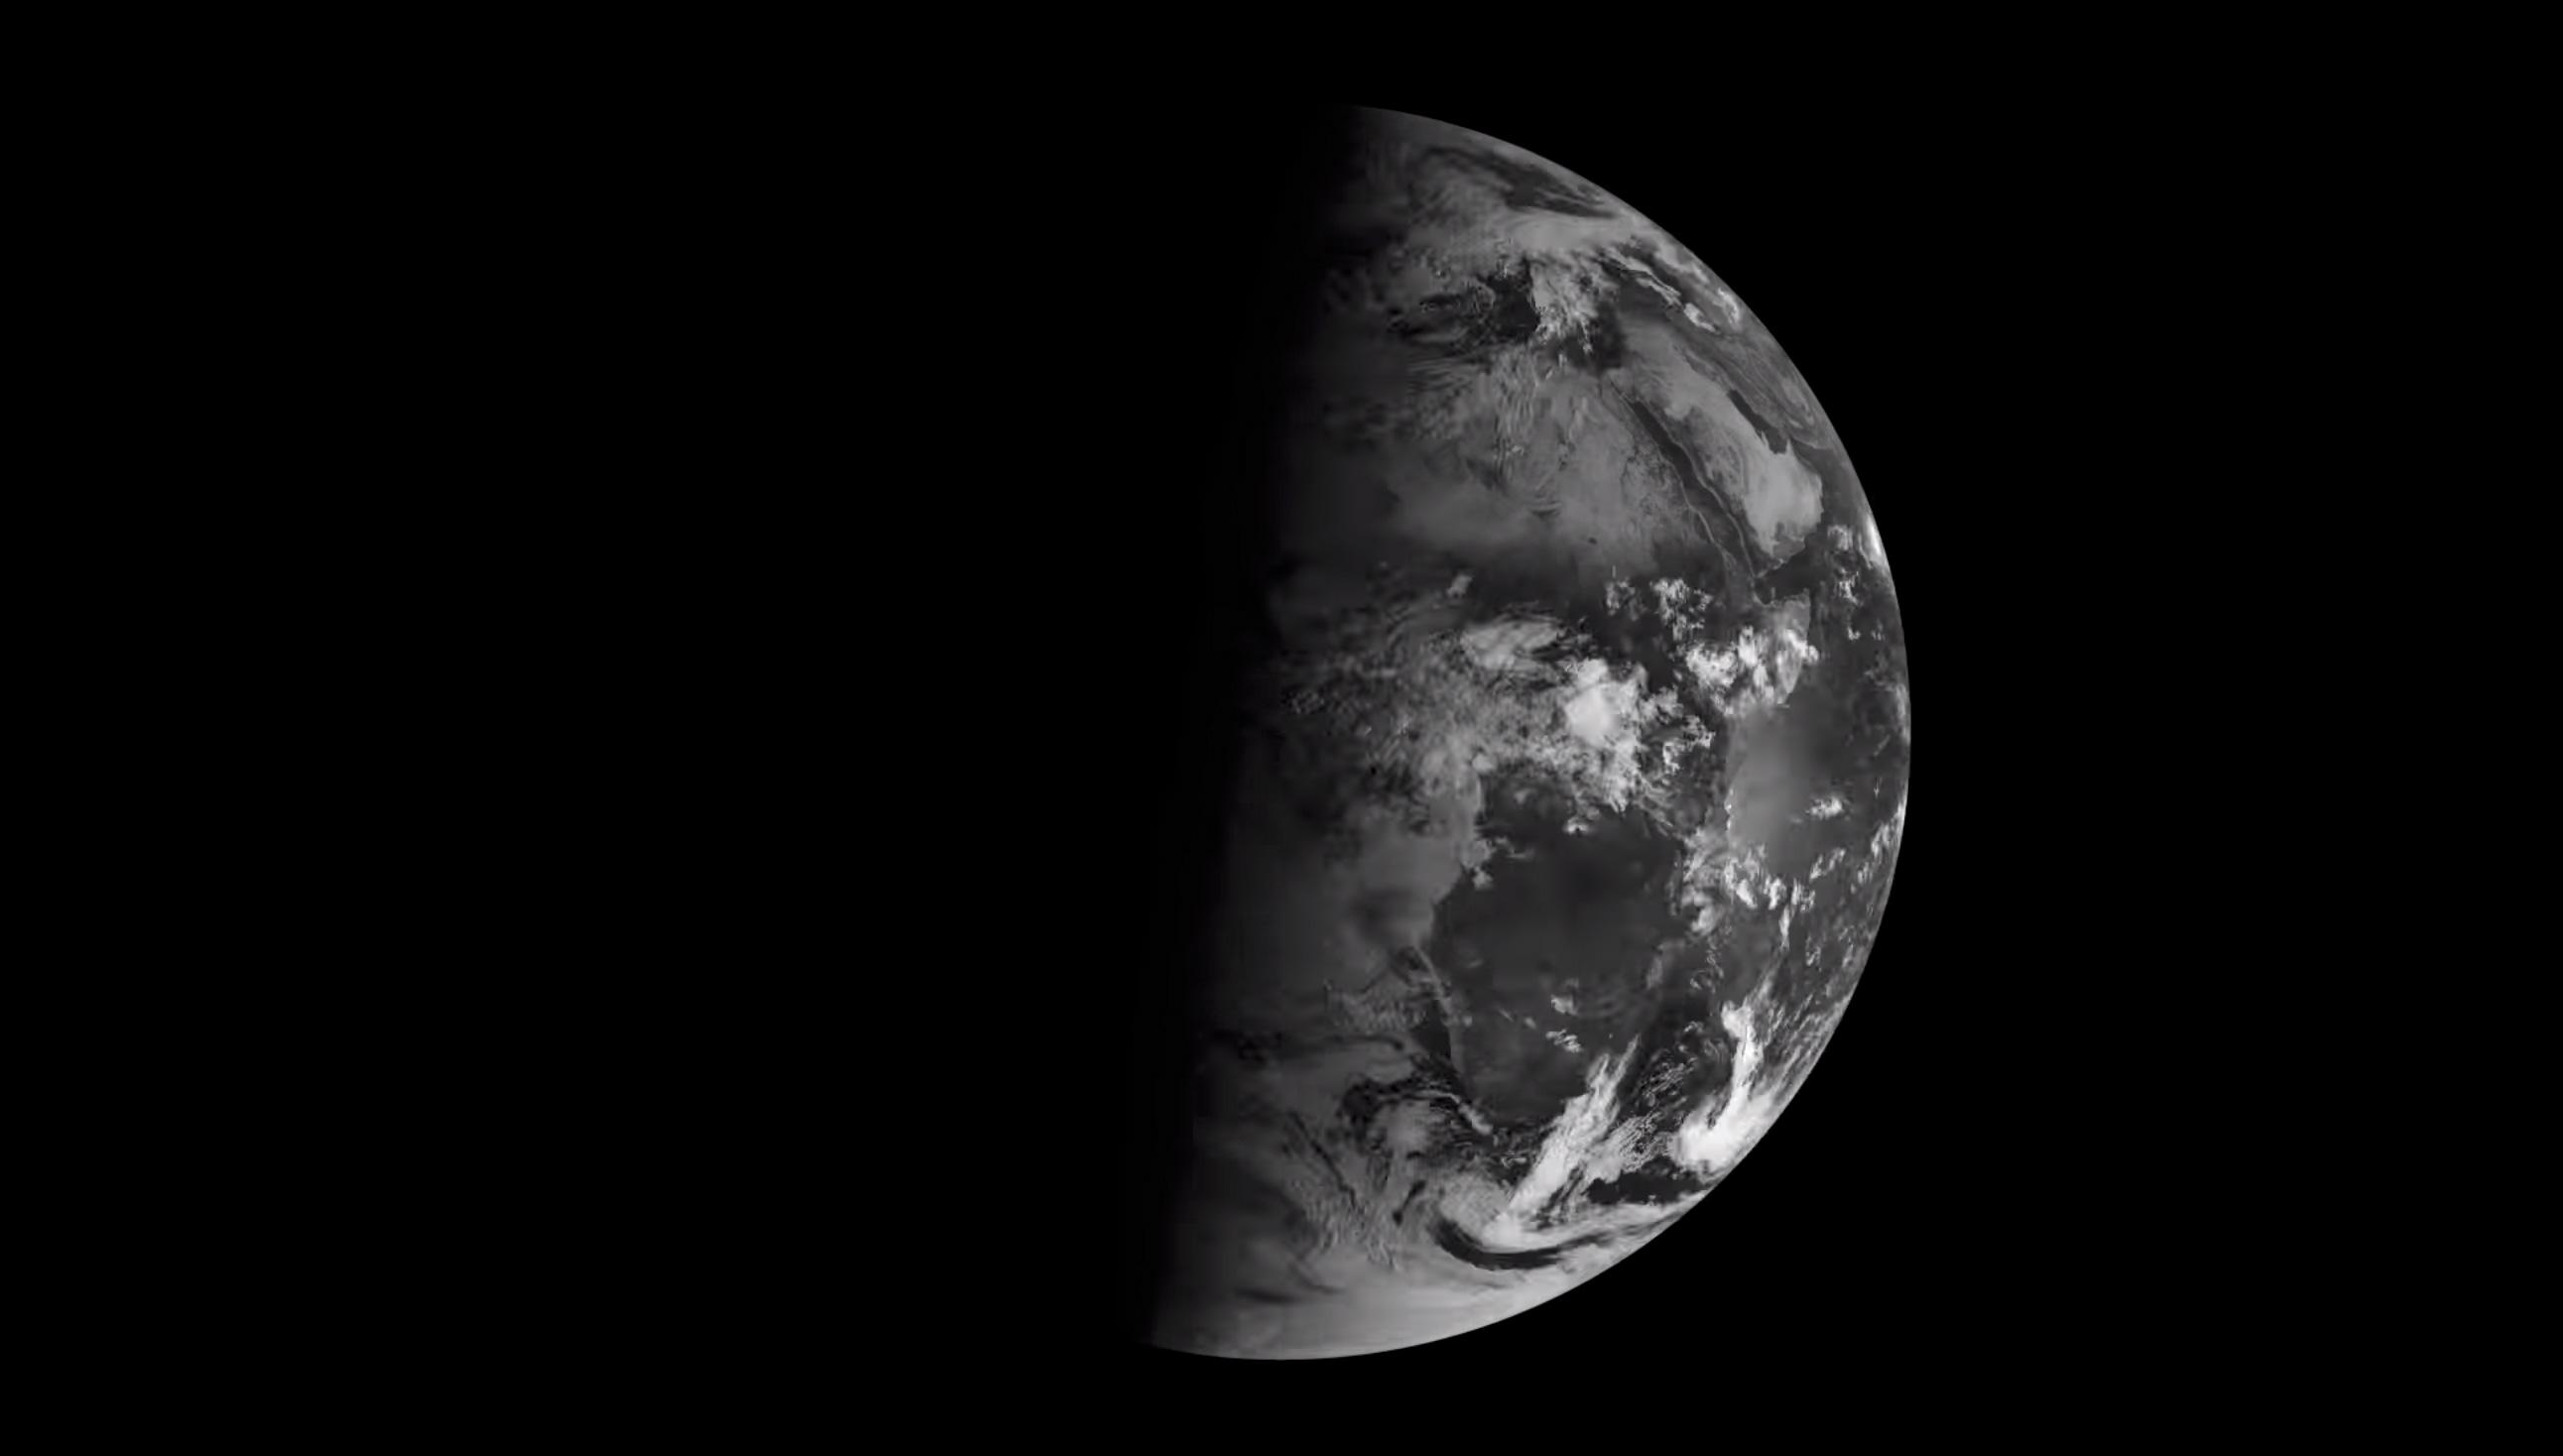 Équinoxe sur Terre